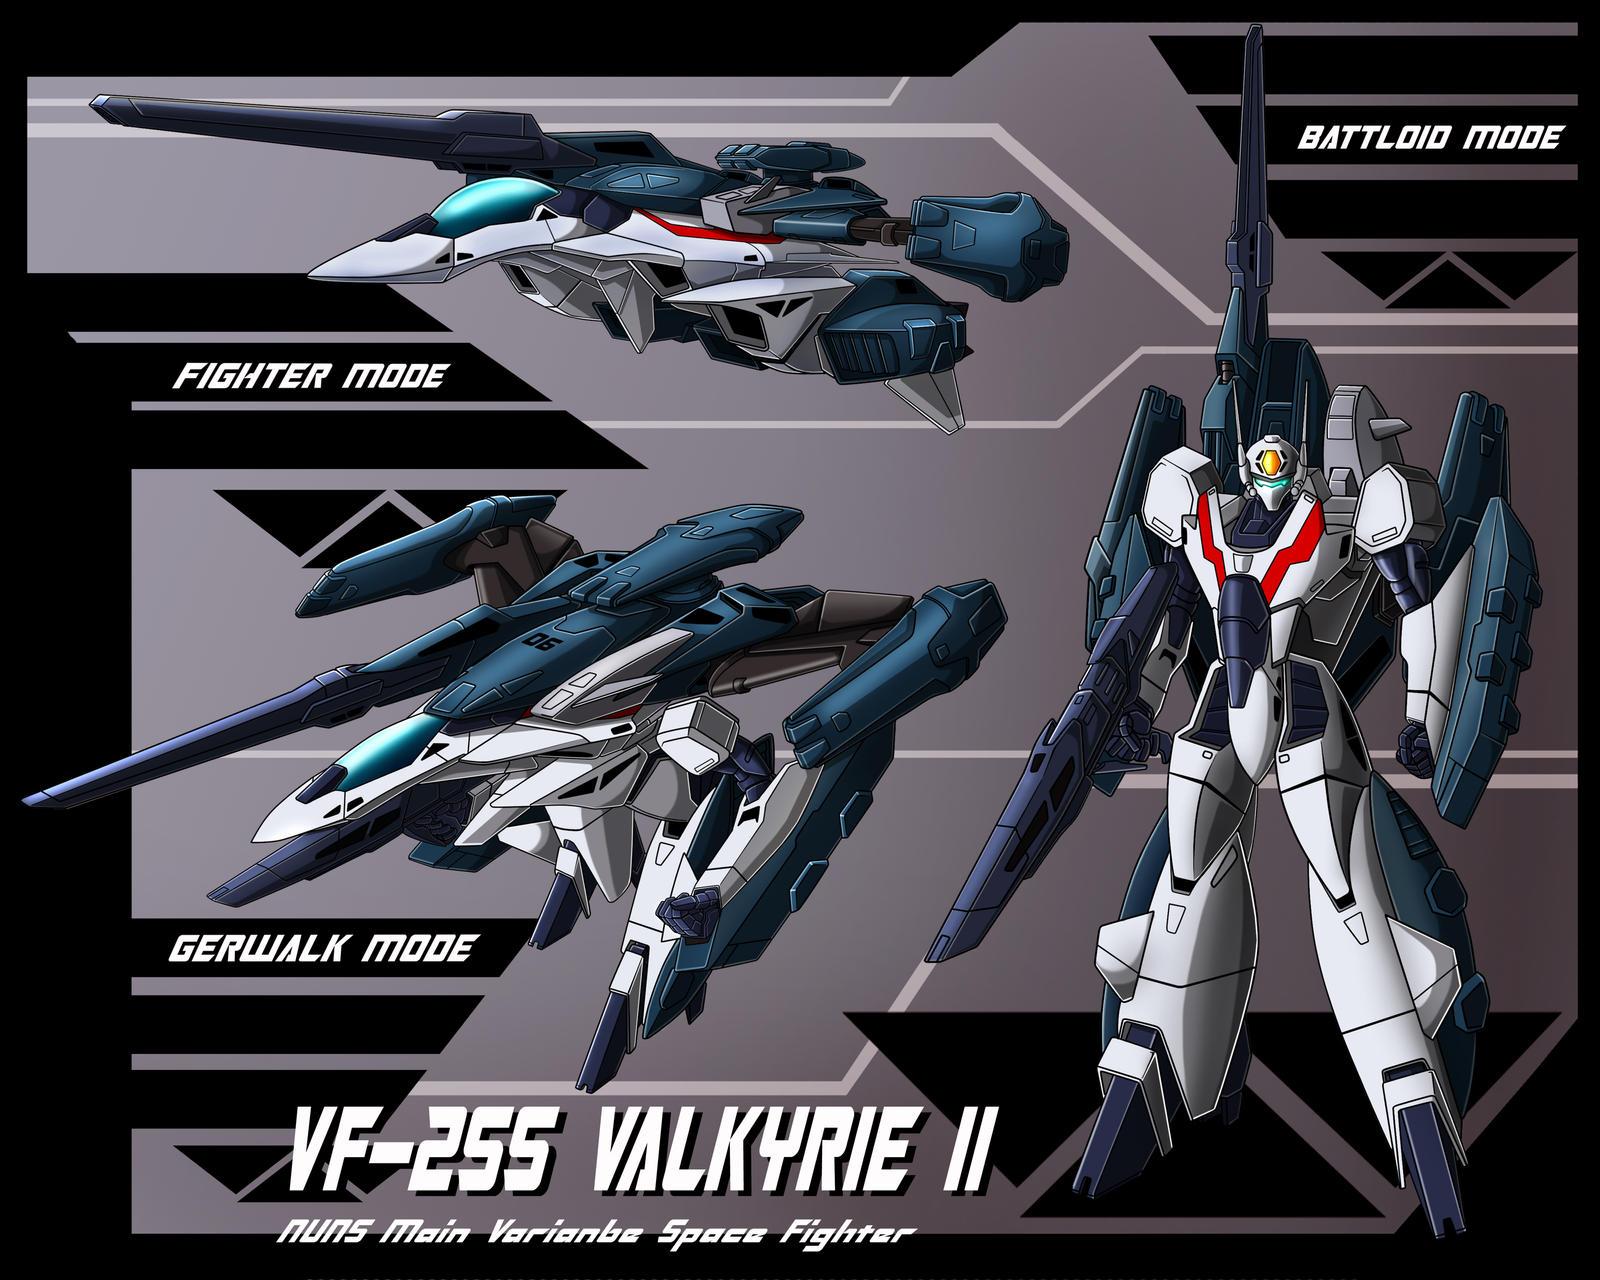 VF-2SS Valkyrie II profile by zeiram0034